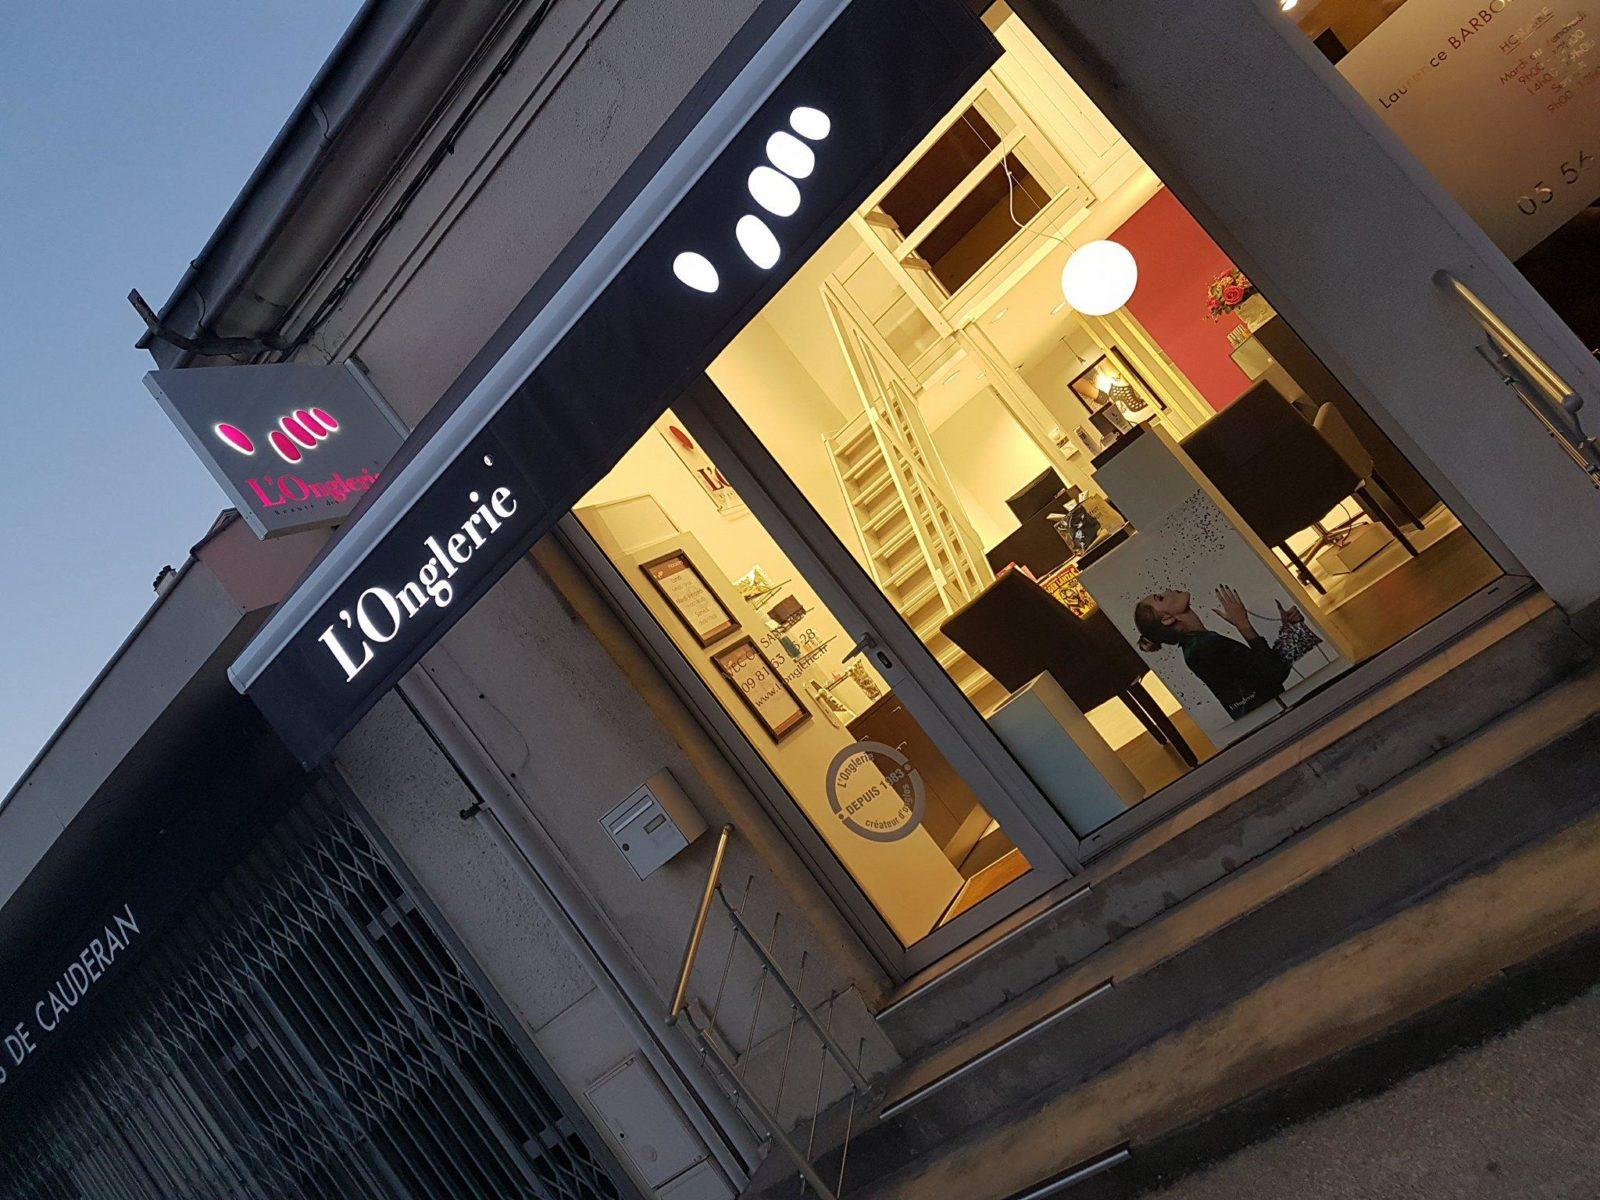 Institut L'Onglerie – Bordeaux Caudéran